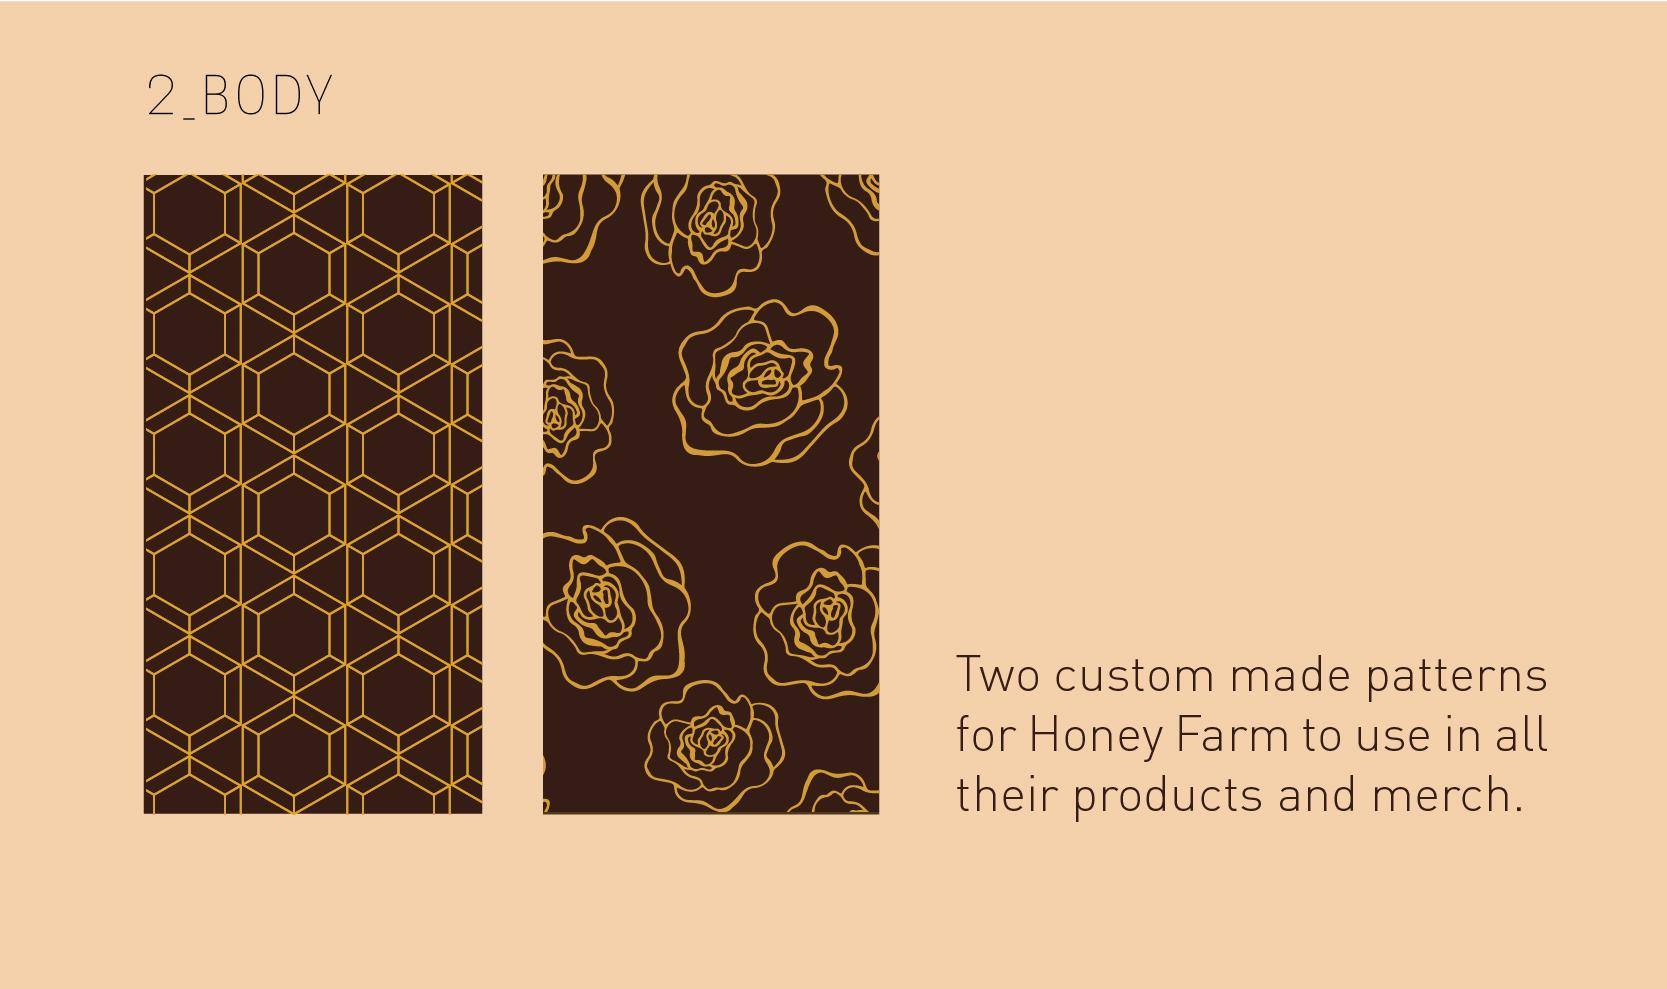 honeyfarm presentation-04.jpg